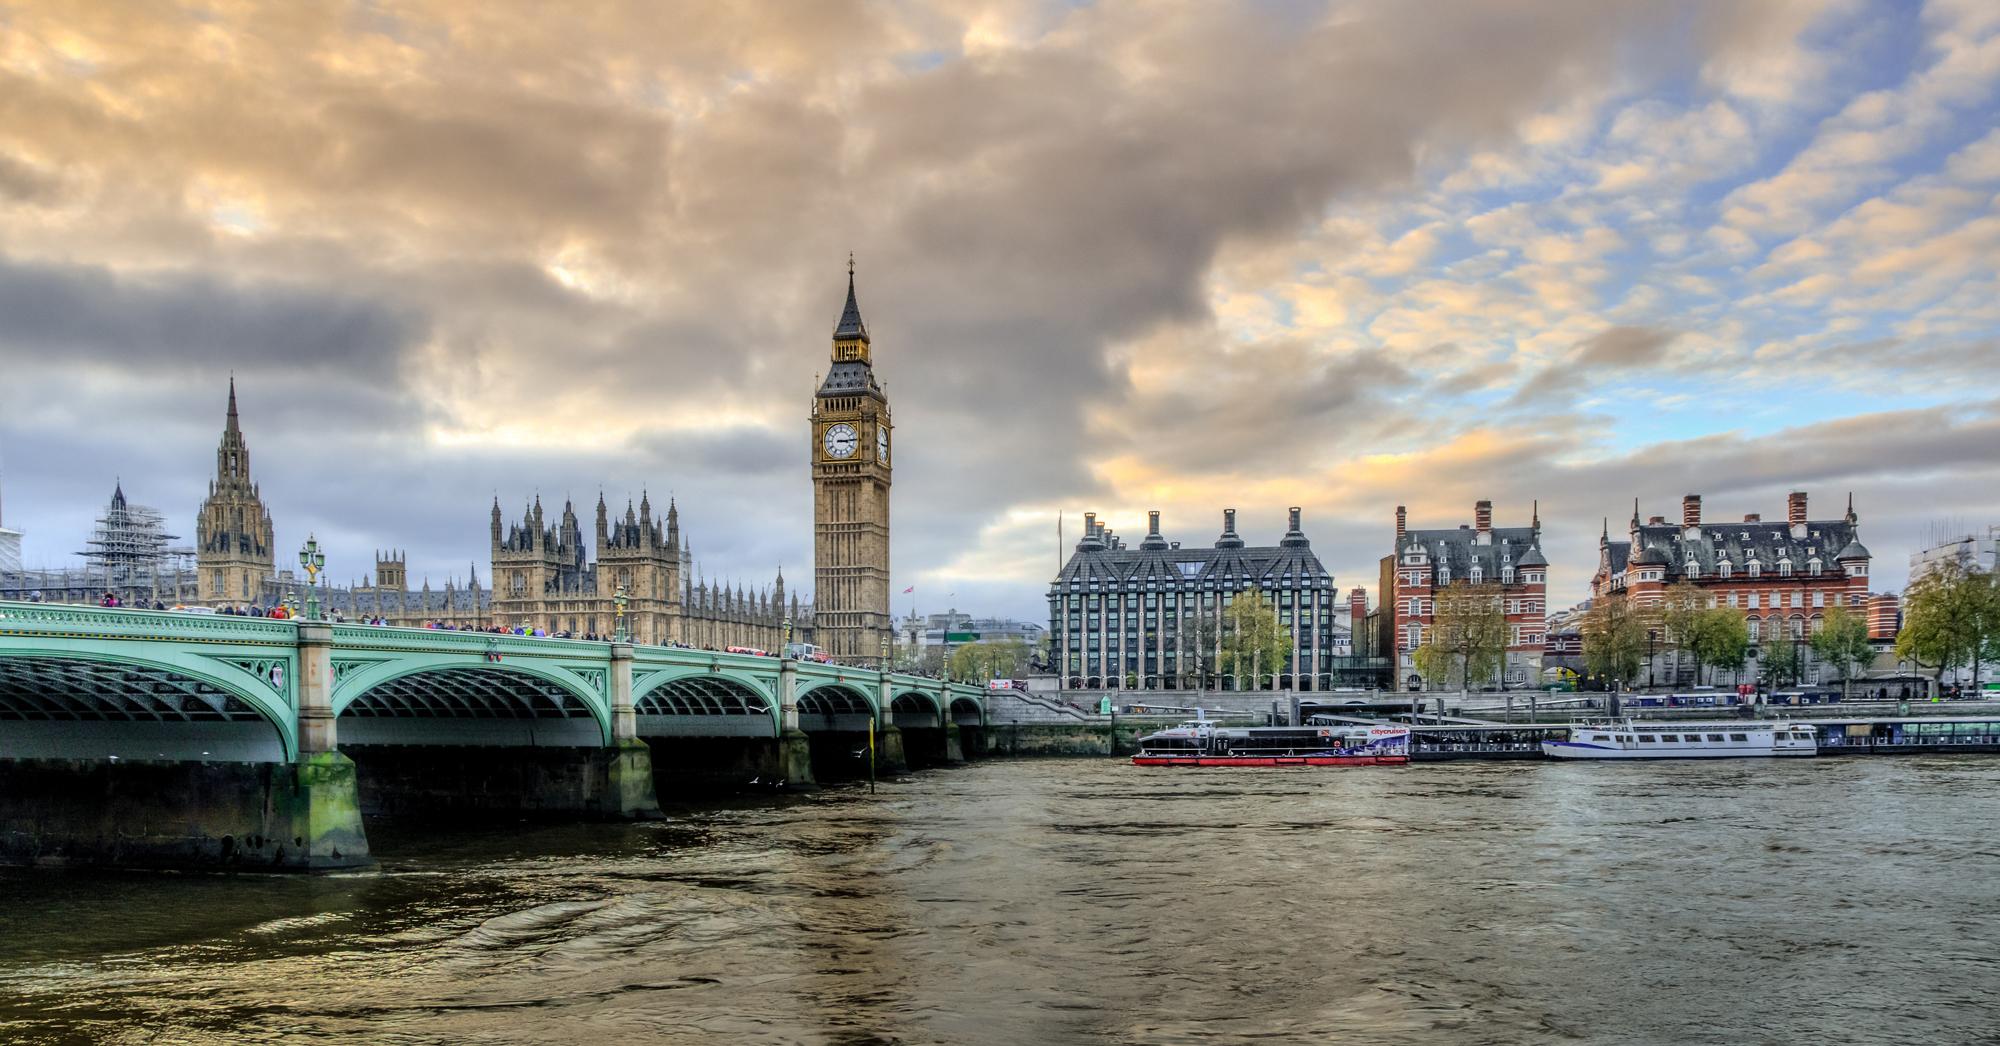 ραντεβού ιστοσελίδα δωρεάν στο Ηνωμένο Βασίλειο βαρύ μεταλλικό ραντεβού φόρουμ